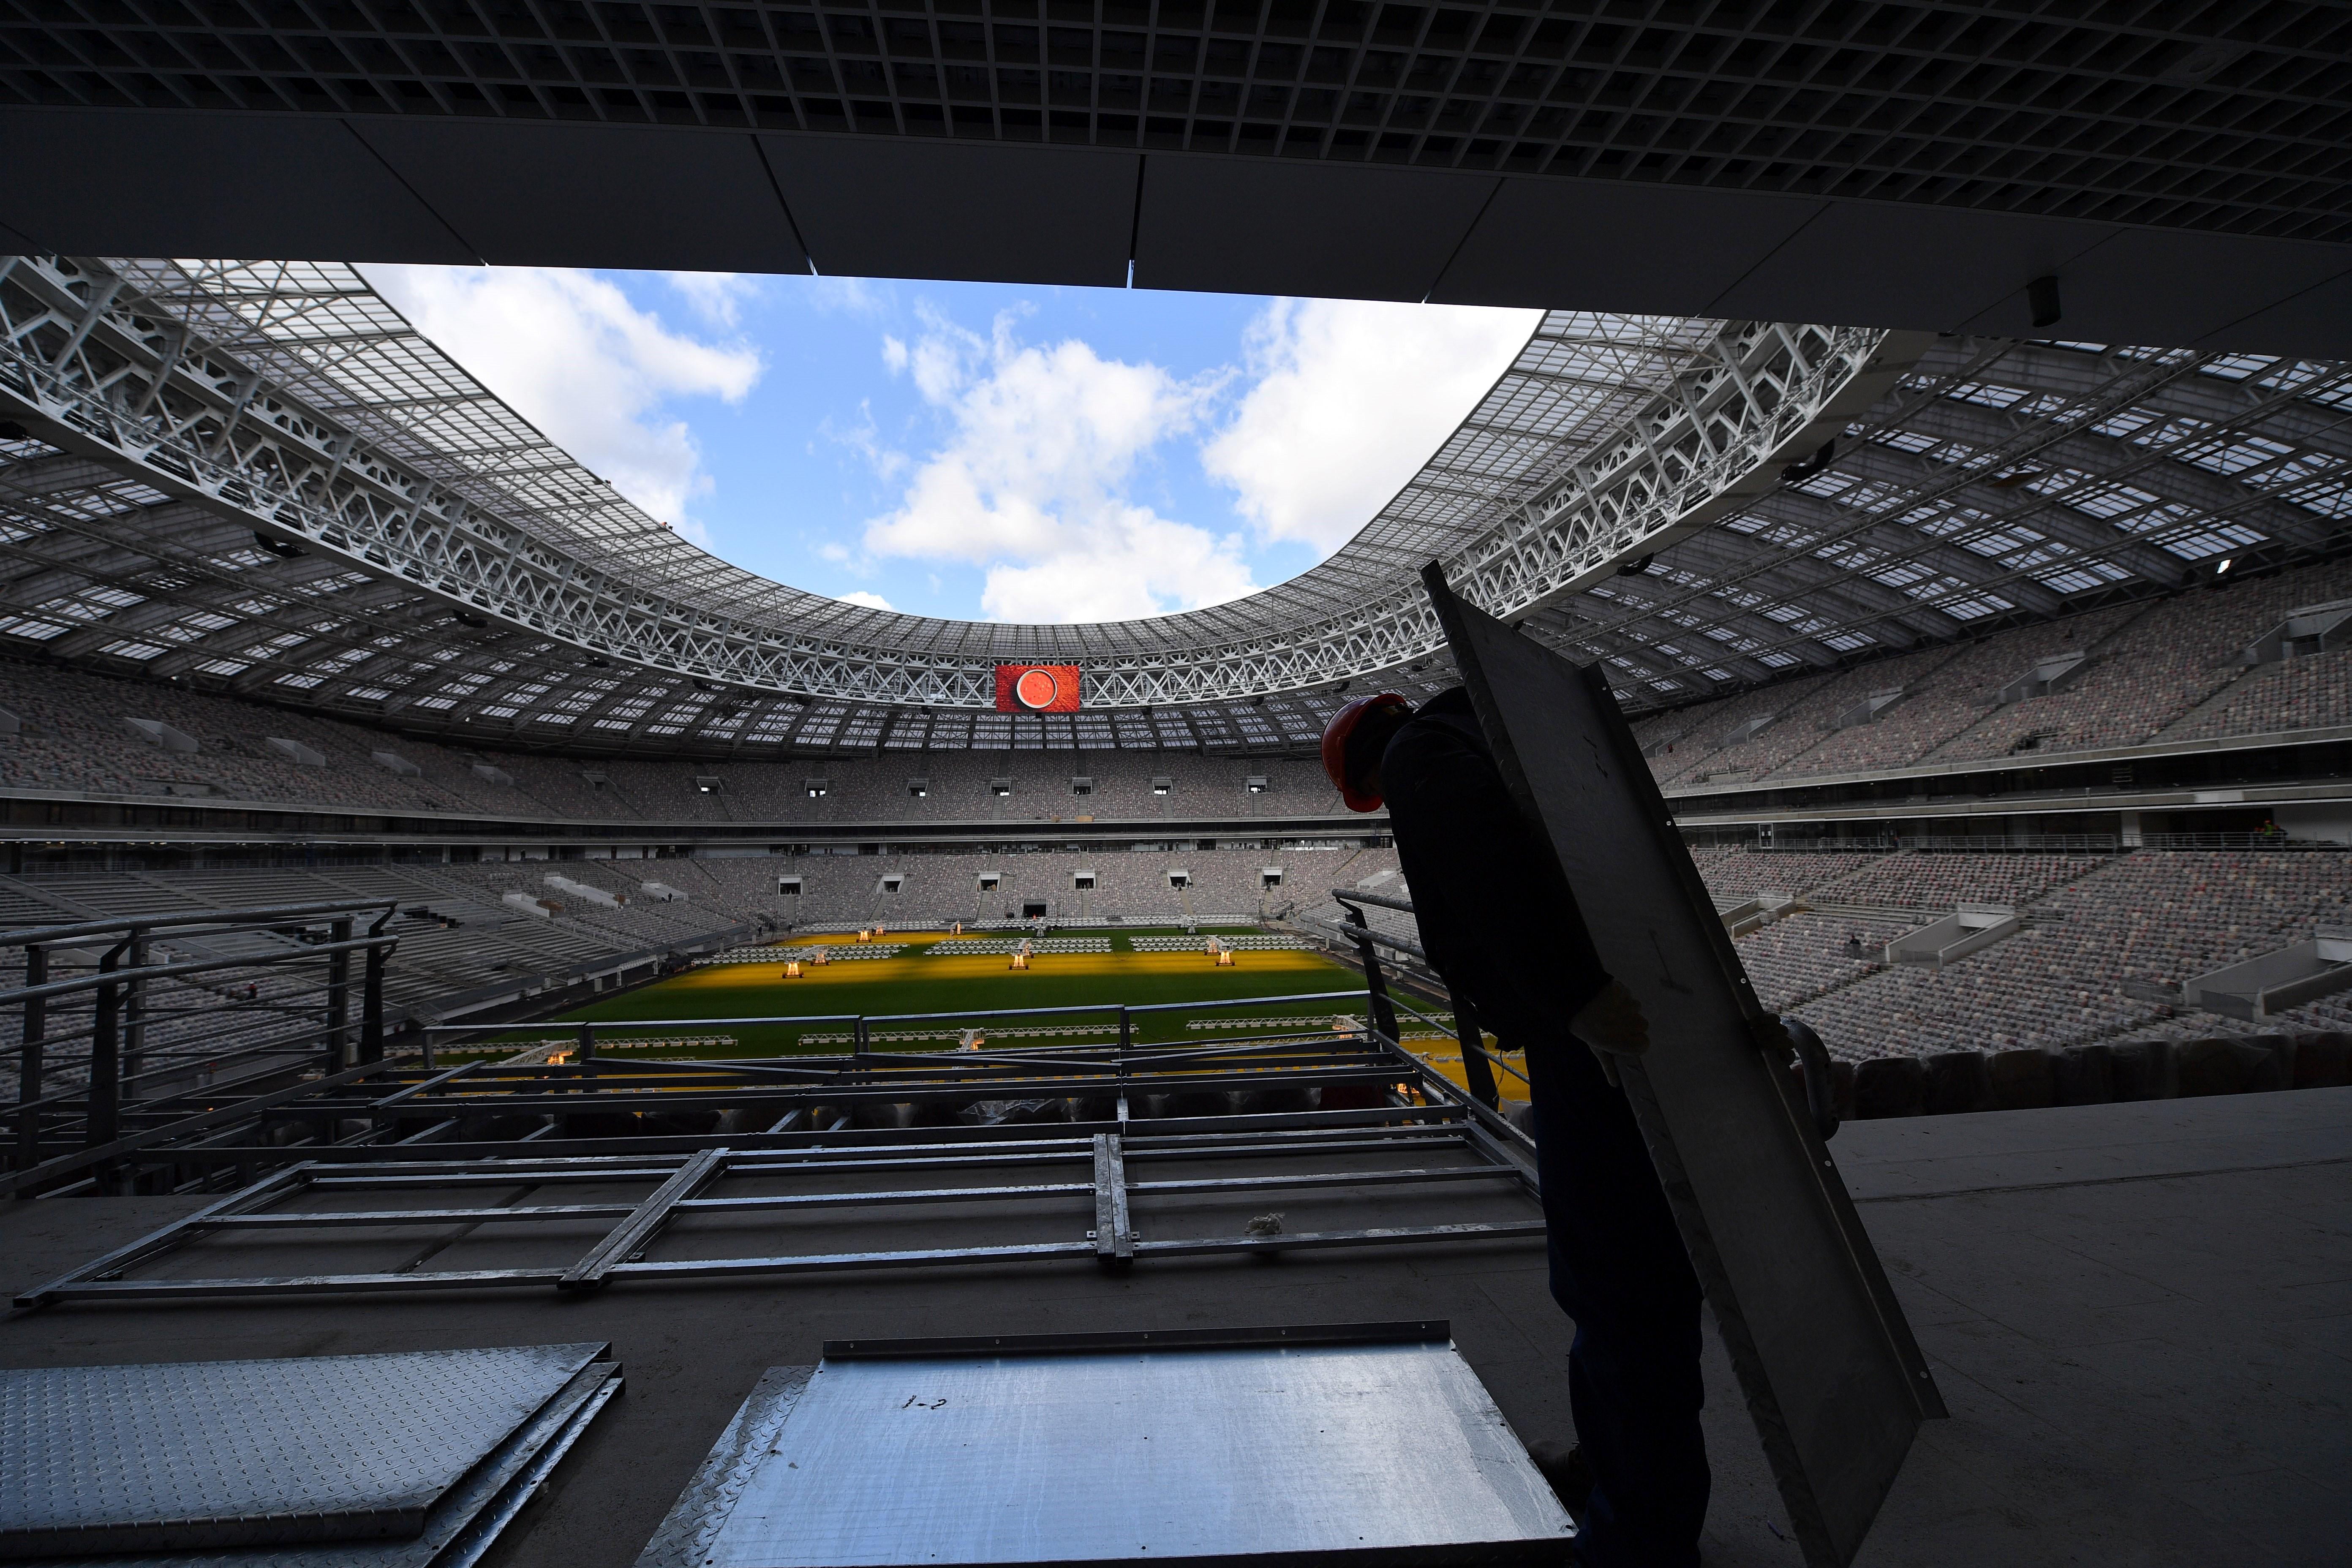 ВРФС неподтвердили сведения опроведении товарищеской встречи Российская Федерация - Аргентина